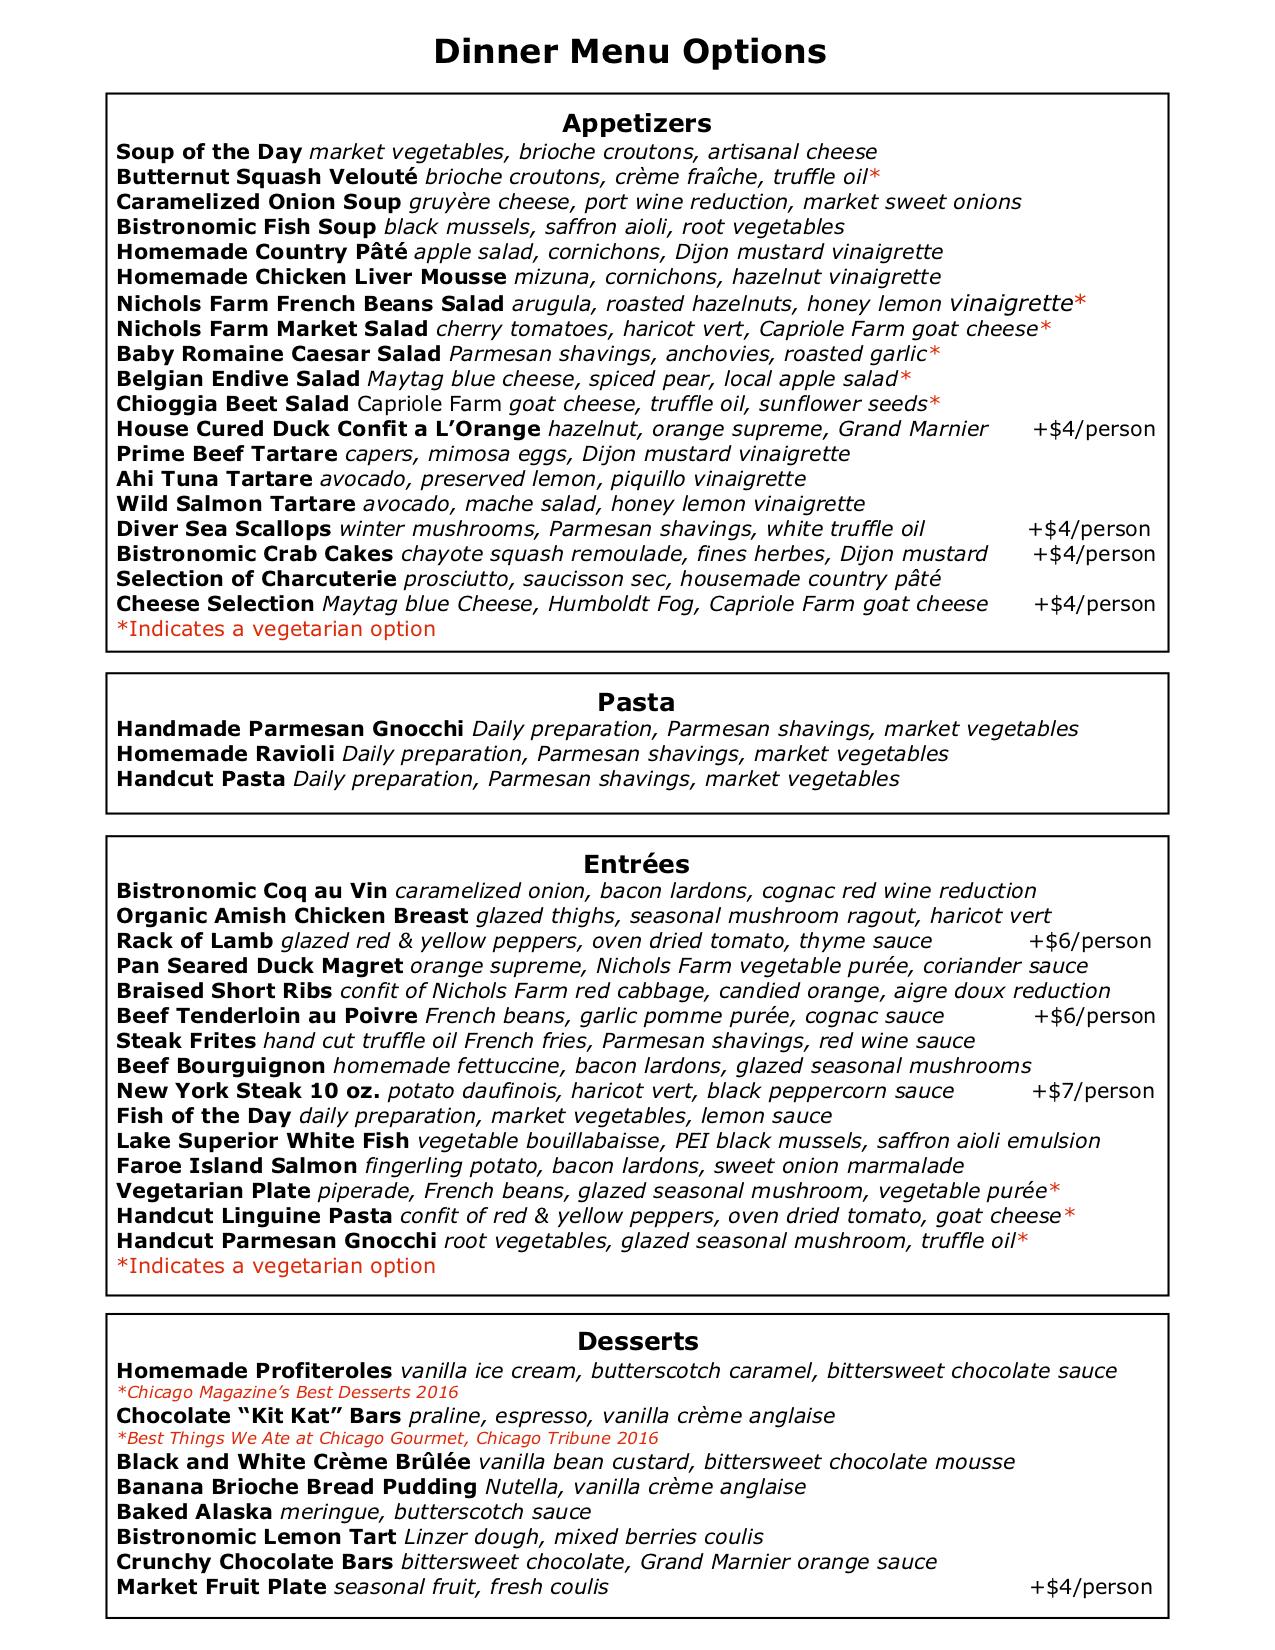 Private Dining-AppDinner-BNOM-small 2.jpg